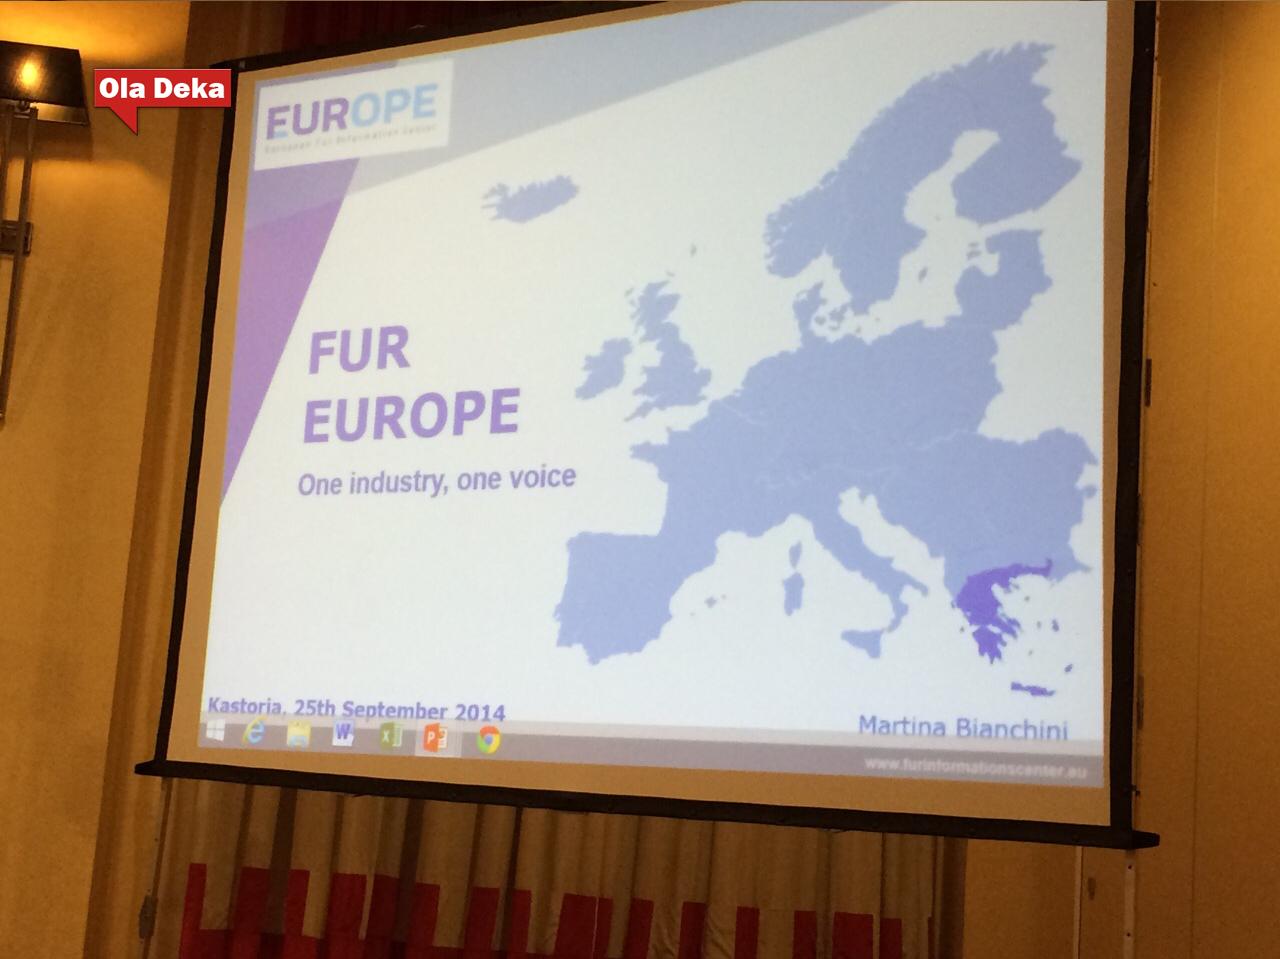 ΚΑΣΤΟΡΙΑ:ΦΩΤΟΓΡΑΦΙΕΣ ΑΠΟ ΤΗΝ ΕΚΔΗΛΩΣΗ ΤΟΥ FUR EUROPE της Παγκόσμιας Ομοσπονδίας Γούνας